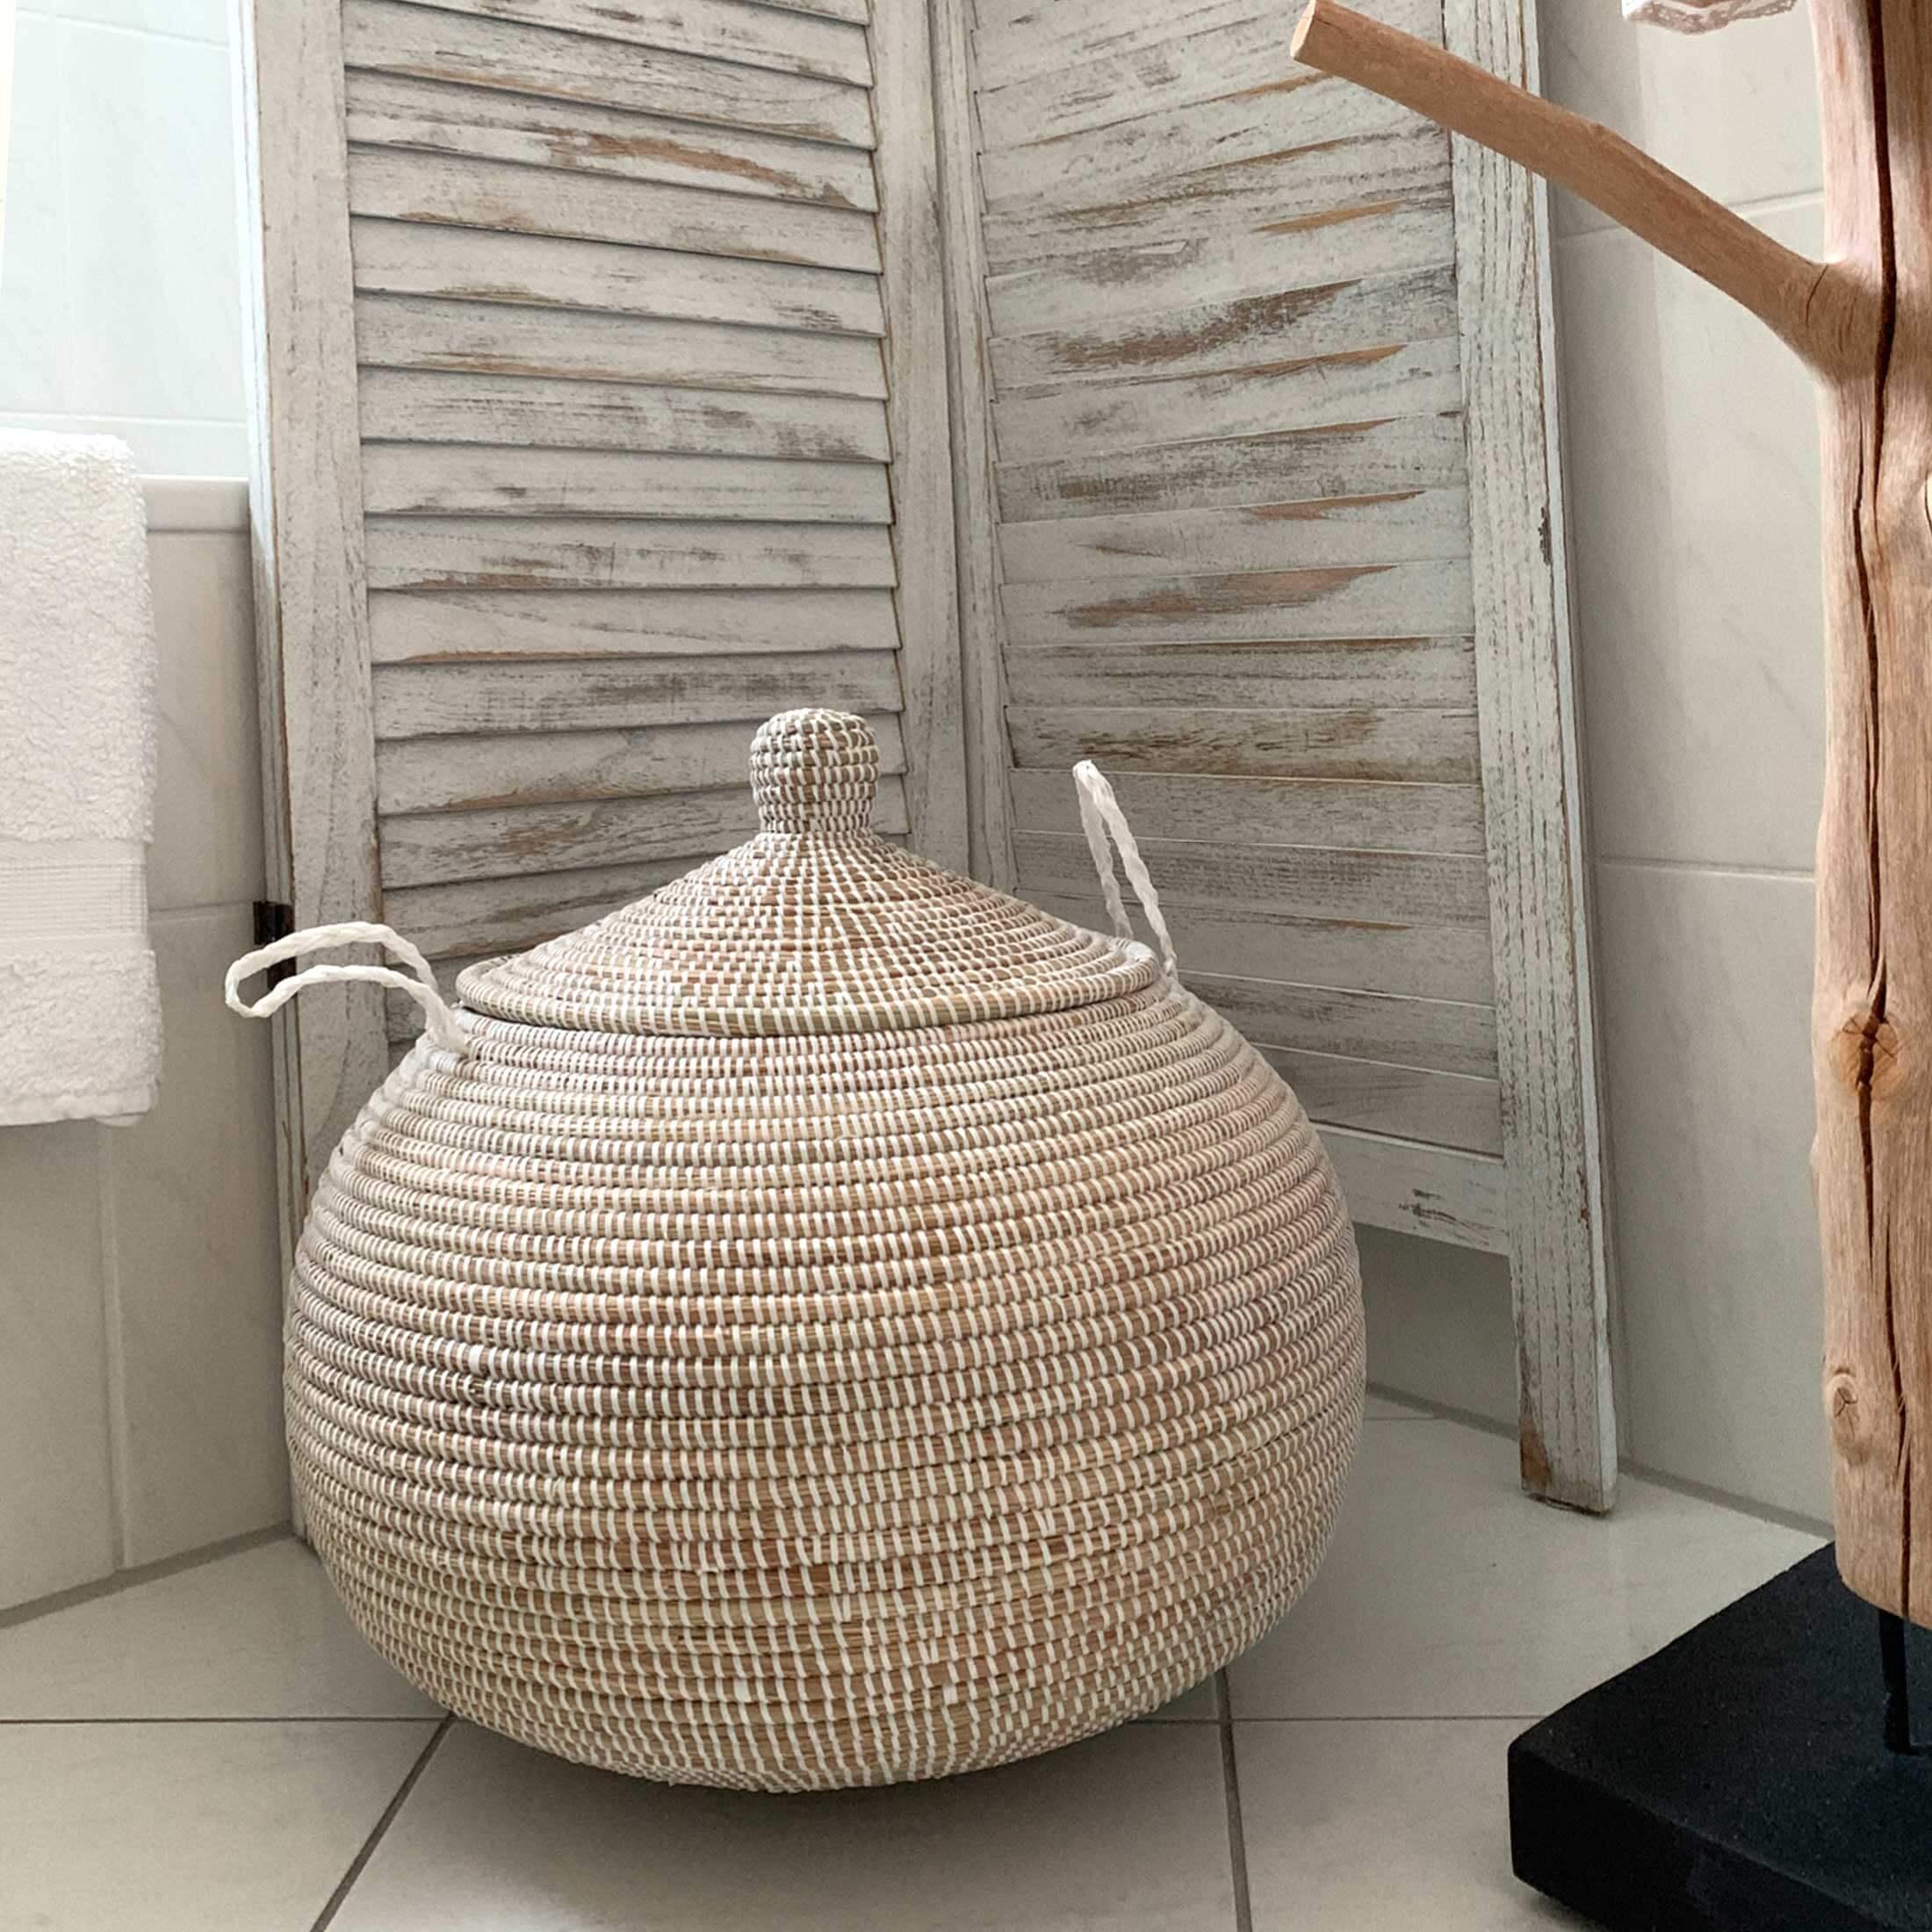 Korb mit Deckel Weiß und Henkel | Weißer Deckelkorb aus Seegras & weißem Band geflochten | Runder Korb als Wäschekorb oder zur Aufbewahrung | Onlineshop